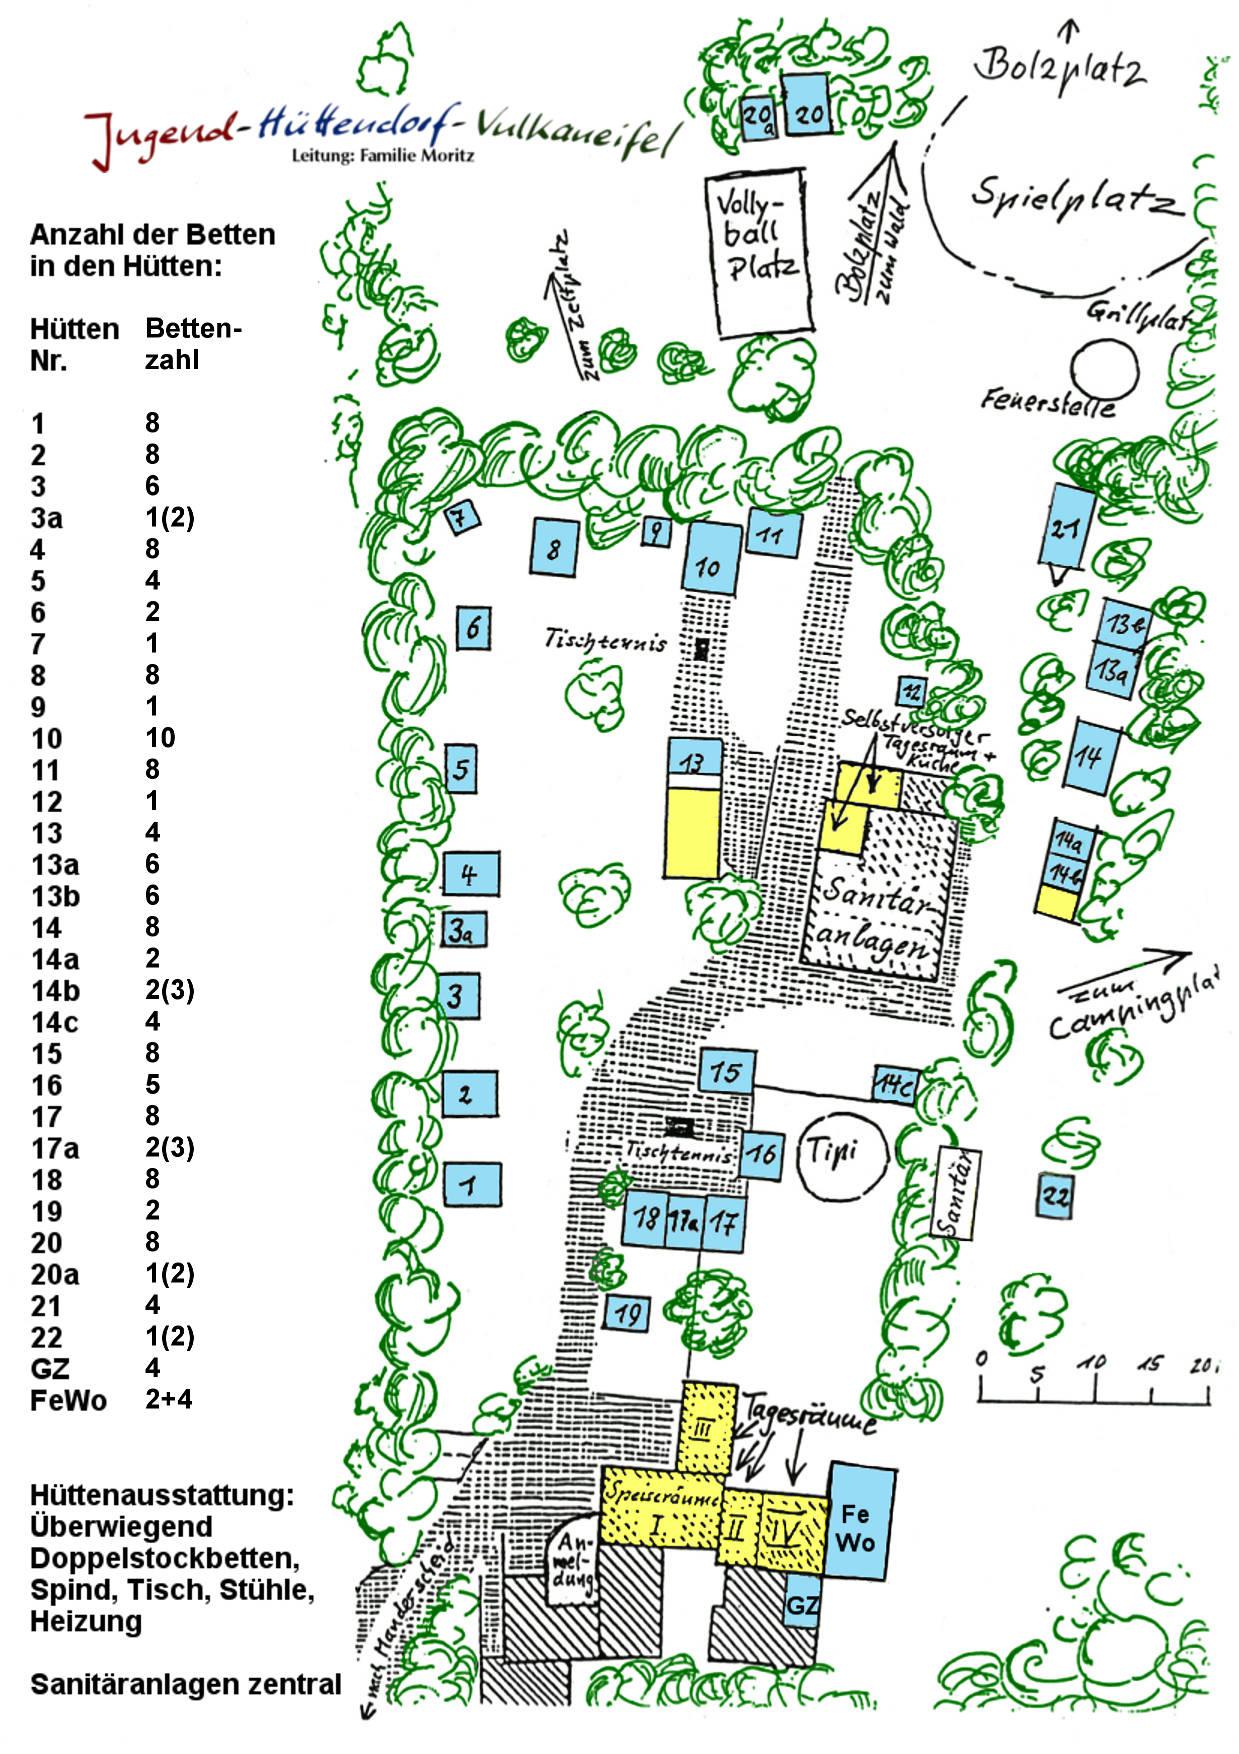 Huettenplan_Hüttendorf_winter_camp_dachzelt-Dachzeltnomadenjpg